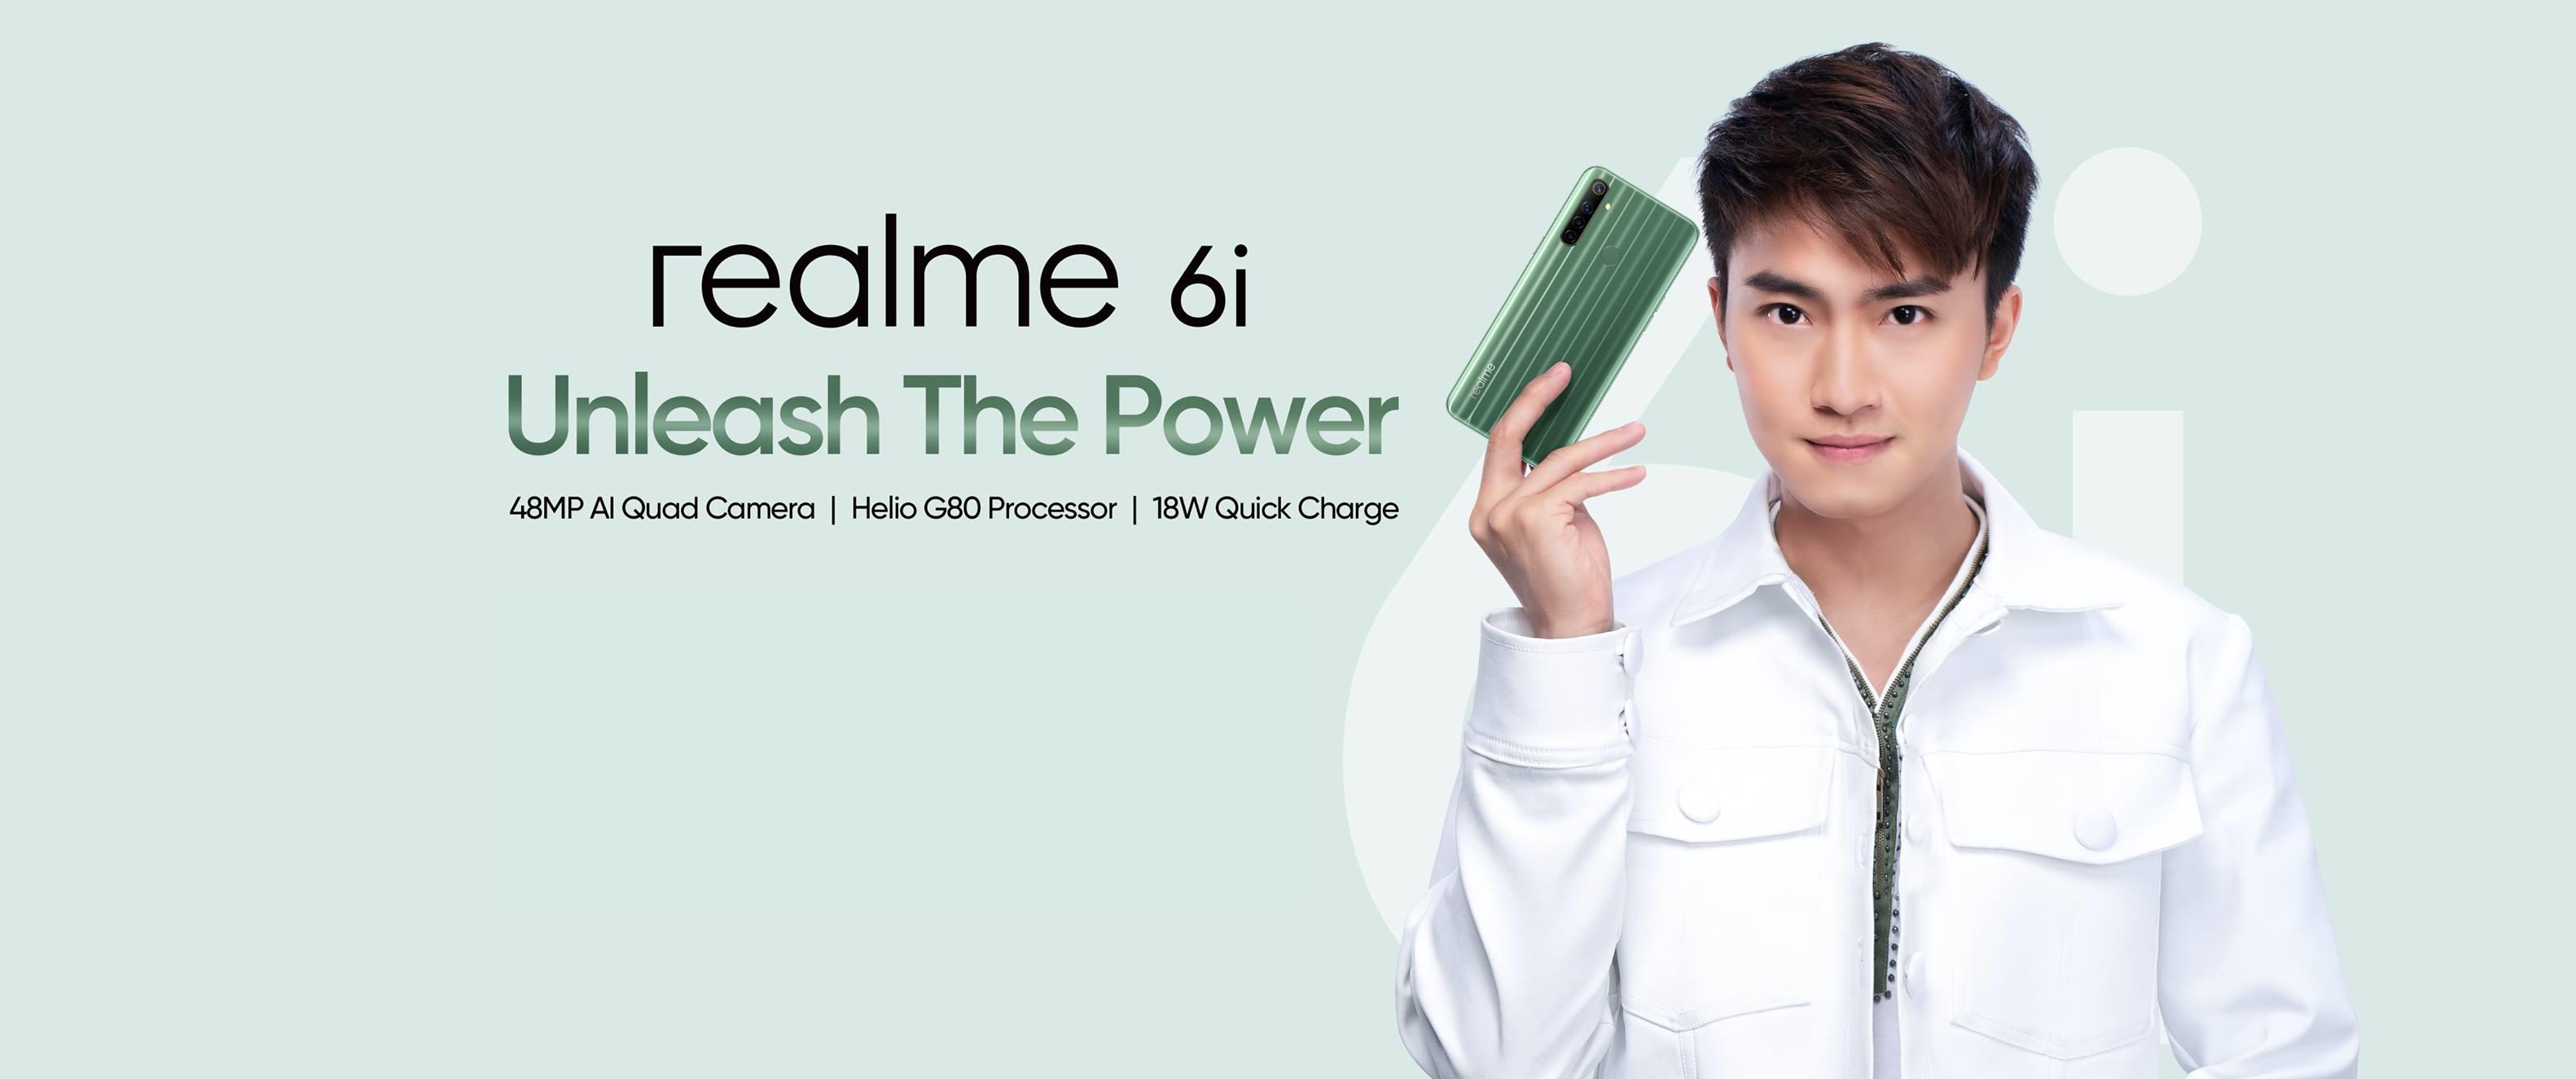 realme 6i smartphone